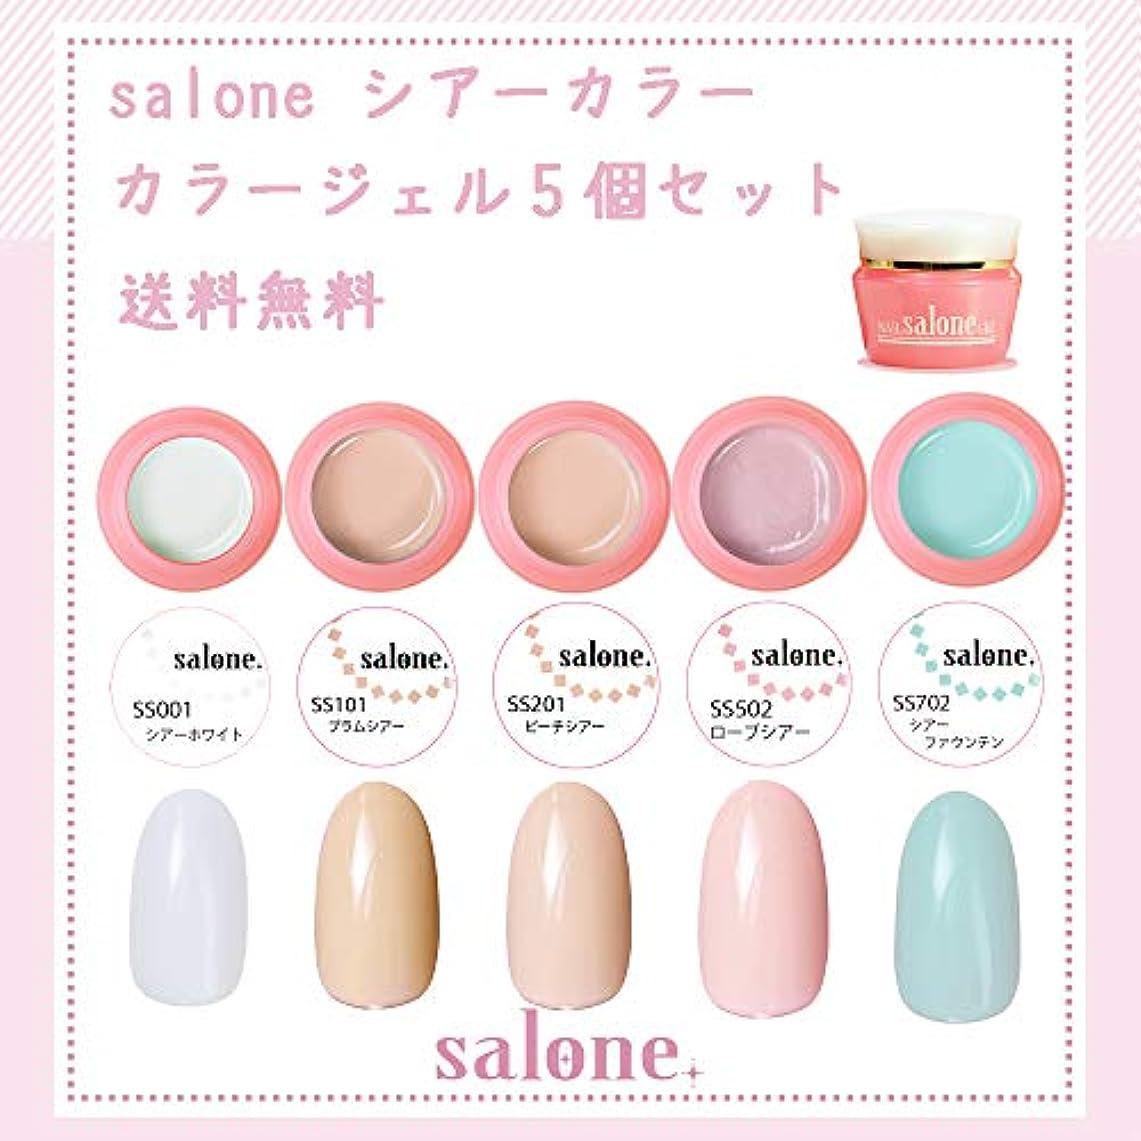 ネックレット弱めるライン【送料無料 日本製】Salone シアーカラーカラージェル5個セット アンニュイでグラデーションにもピッタリなカラー